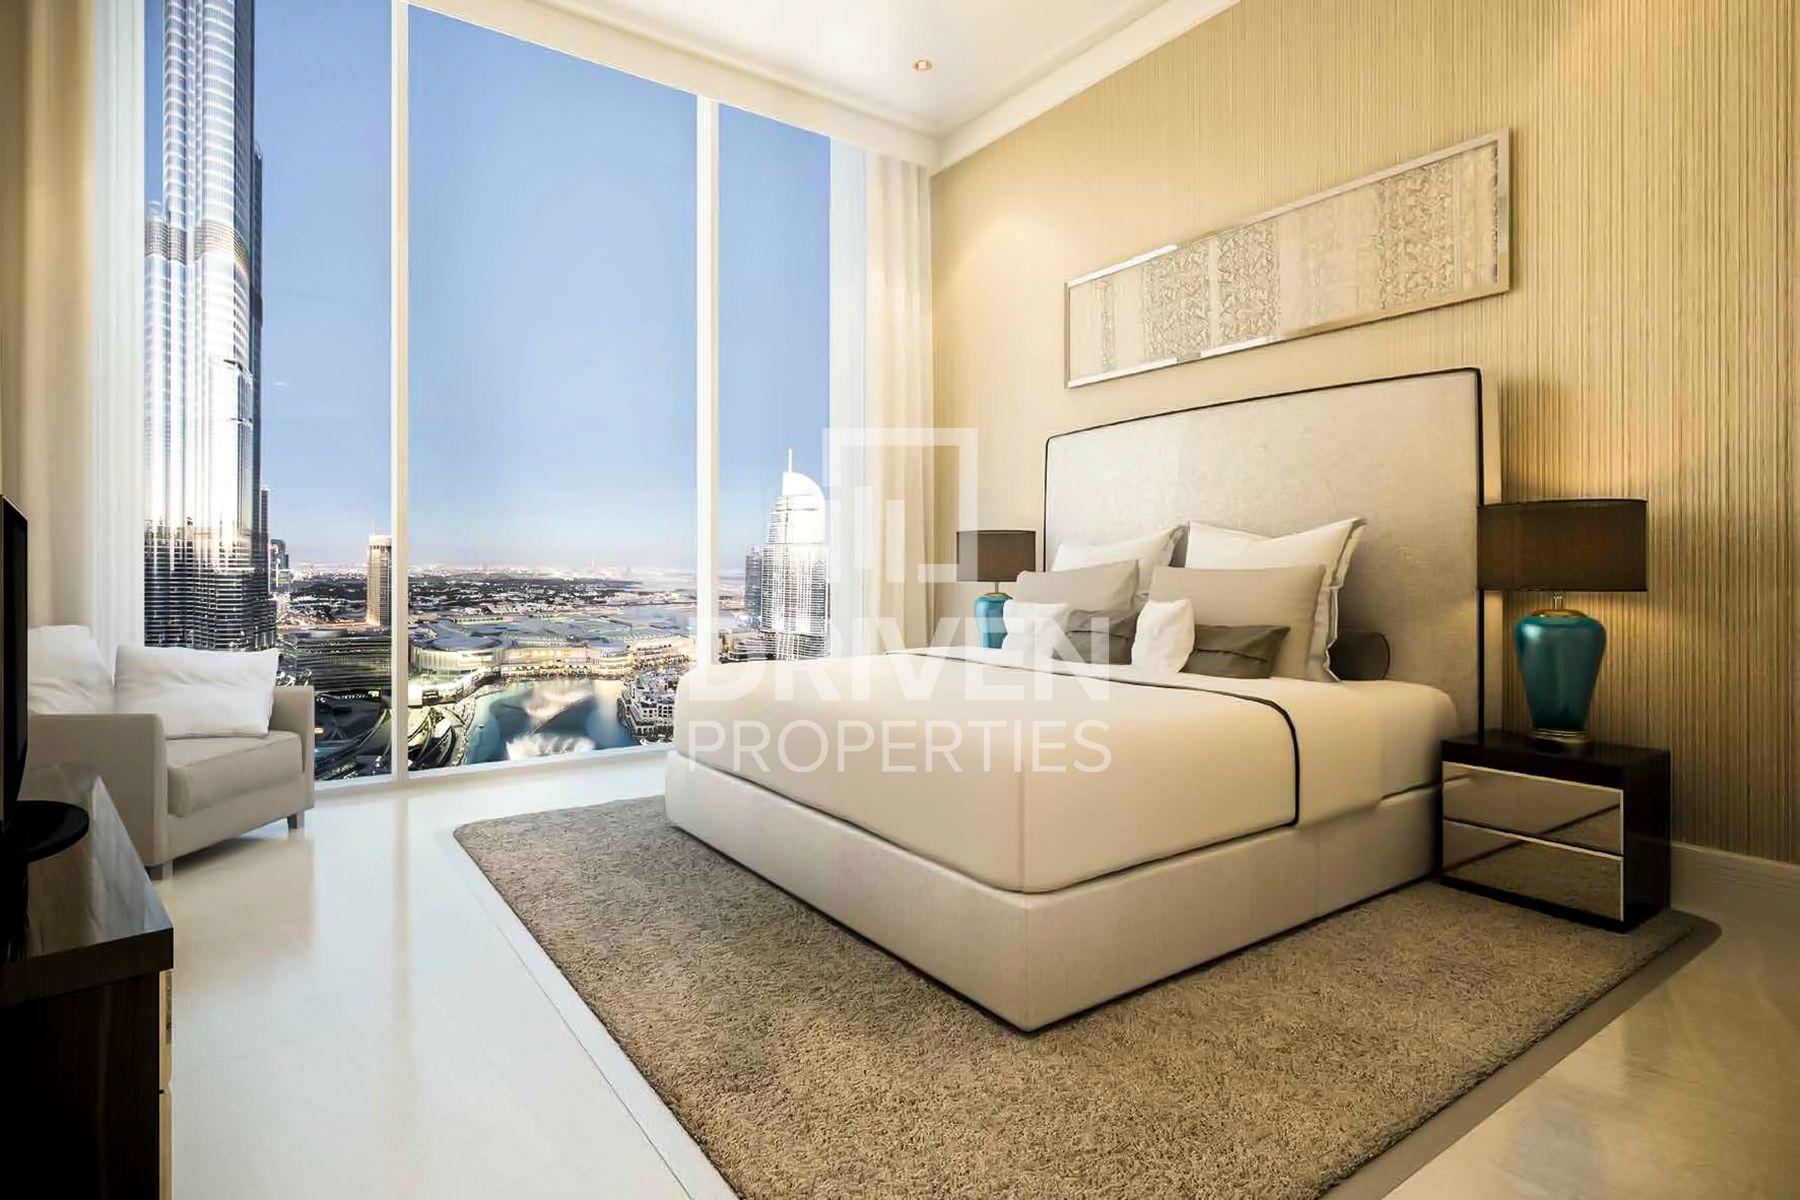 1,519 قدم مربع  شقة - للبيع - دبي وسط المدينة